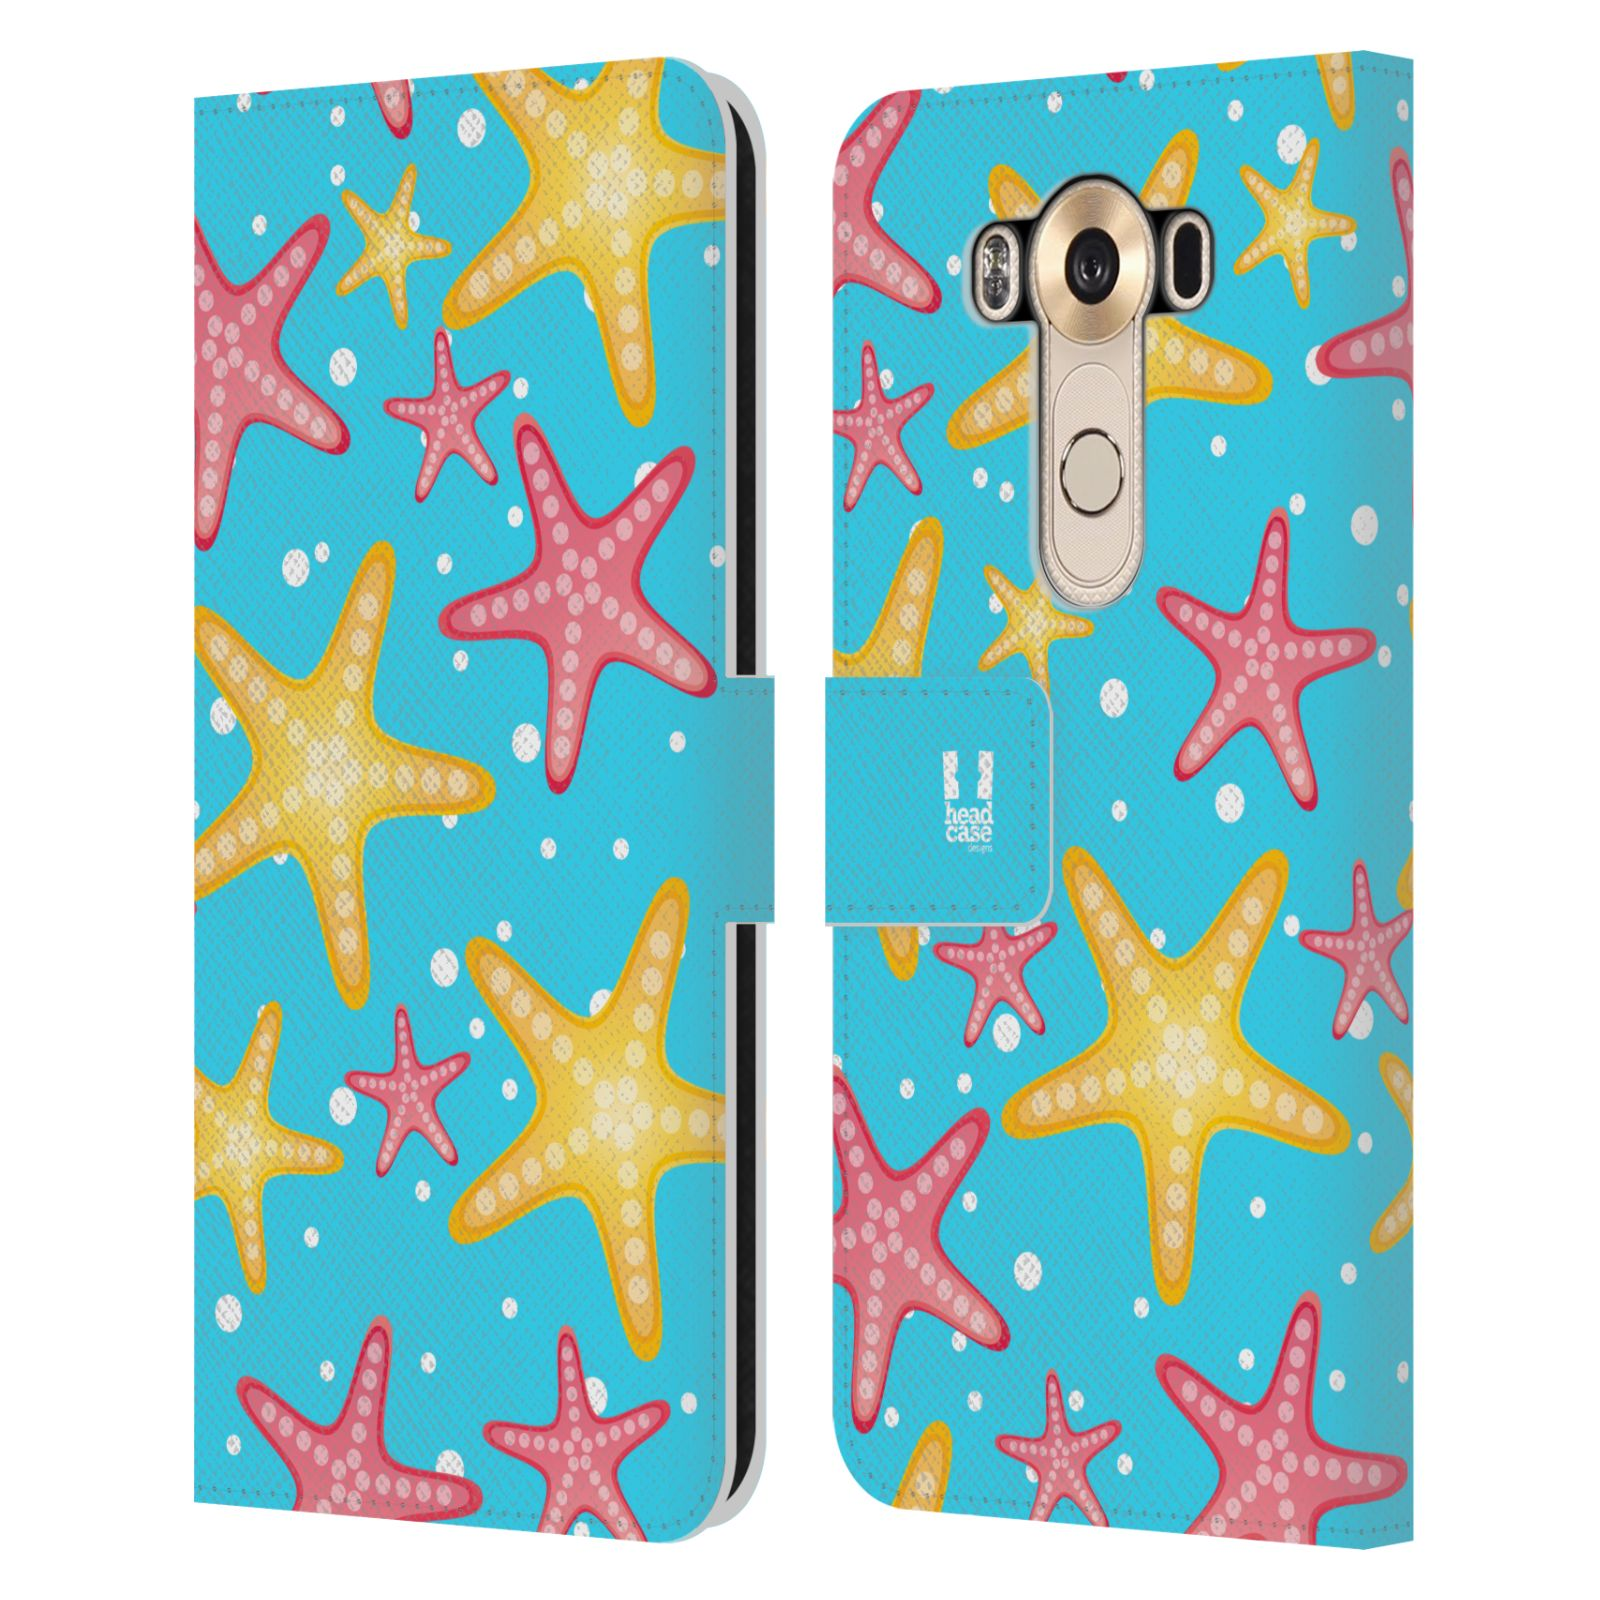 HEAD CASE Flipové pouzdro pro mobil LG V10 Mořský živočich hvězdice modrá barva pozadí